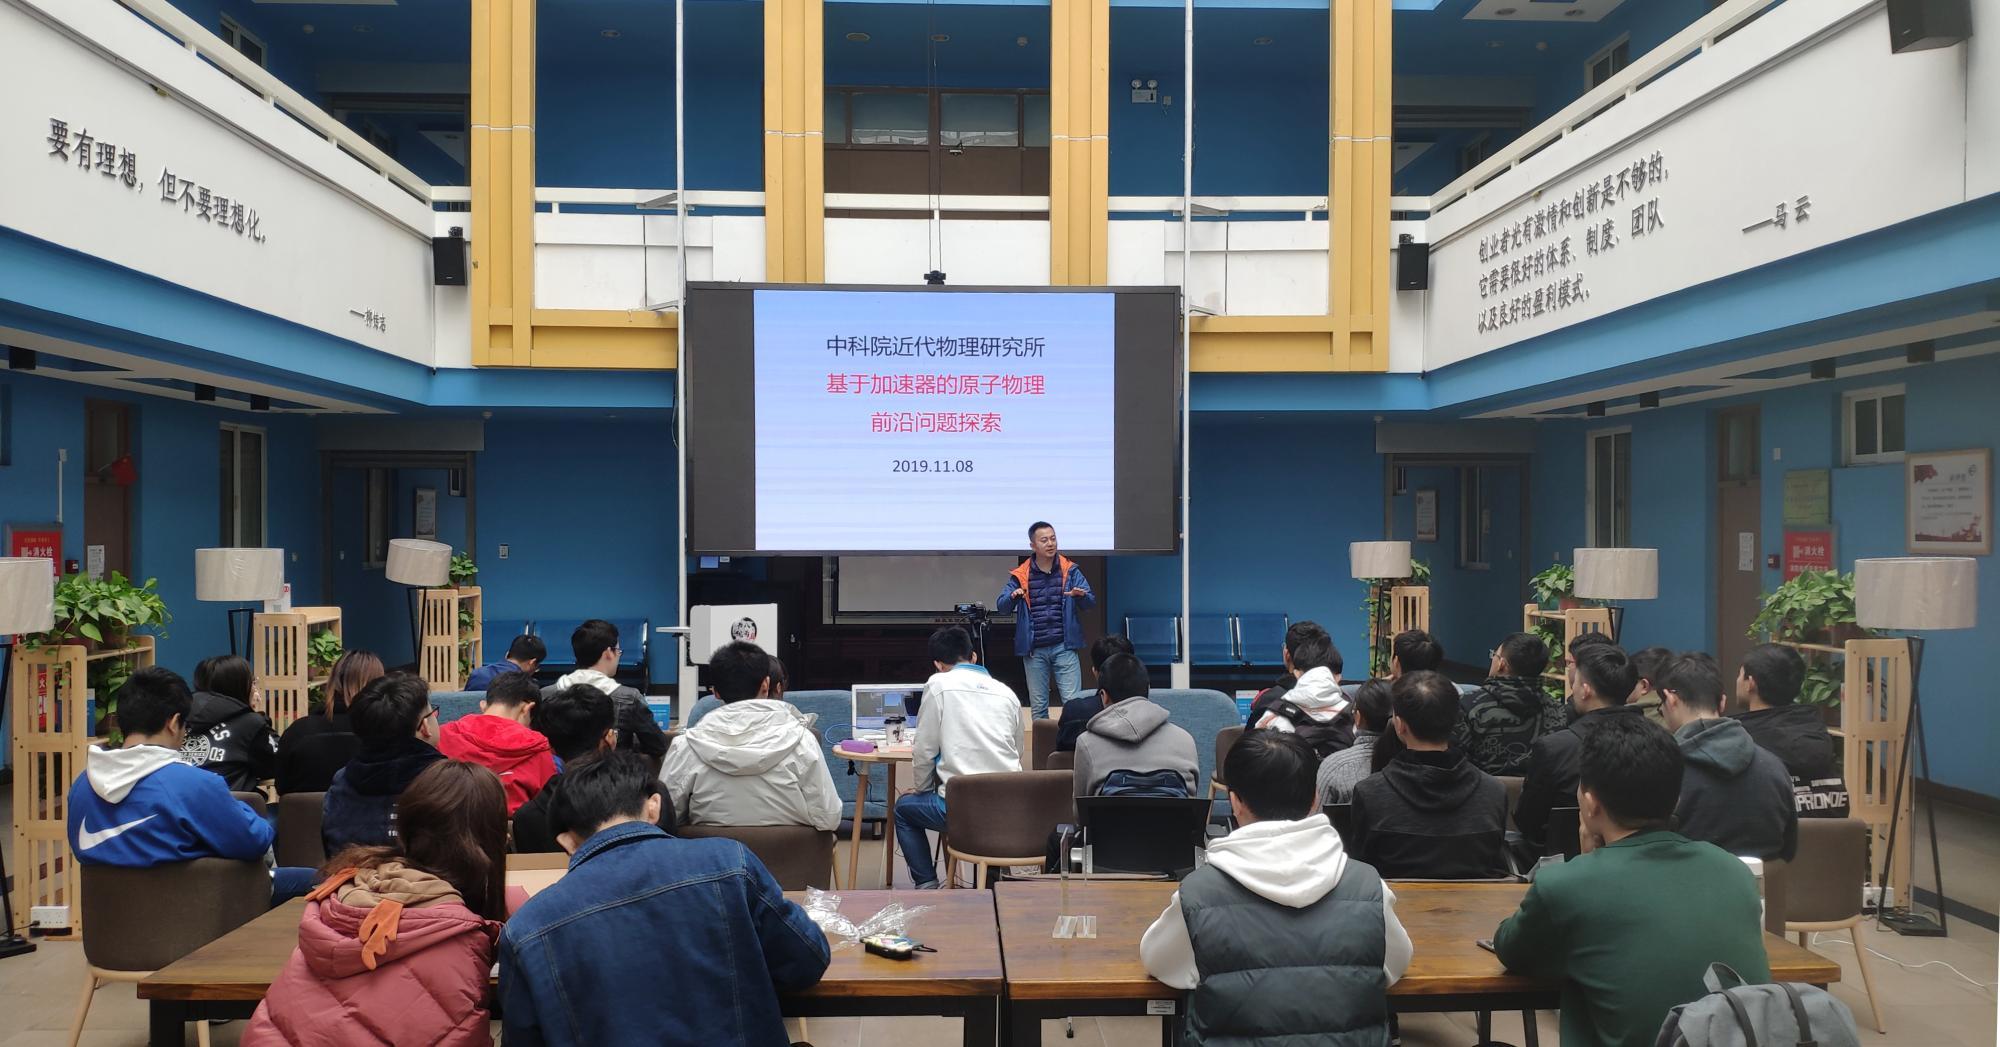 近物所杨杰研究员走进海棠8号书院开展导学沙龙